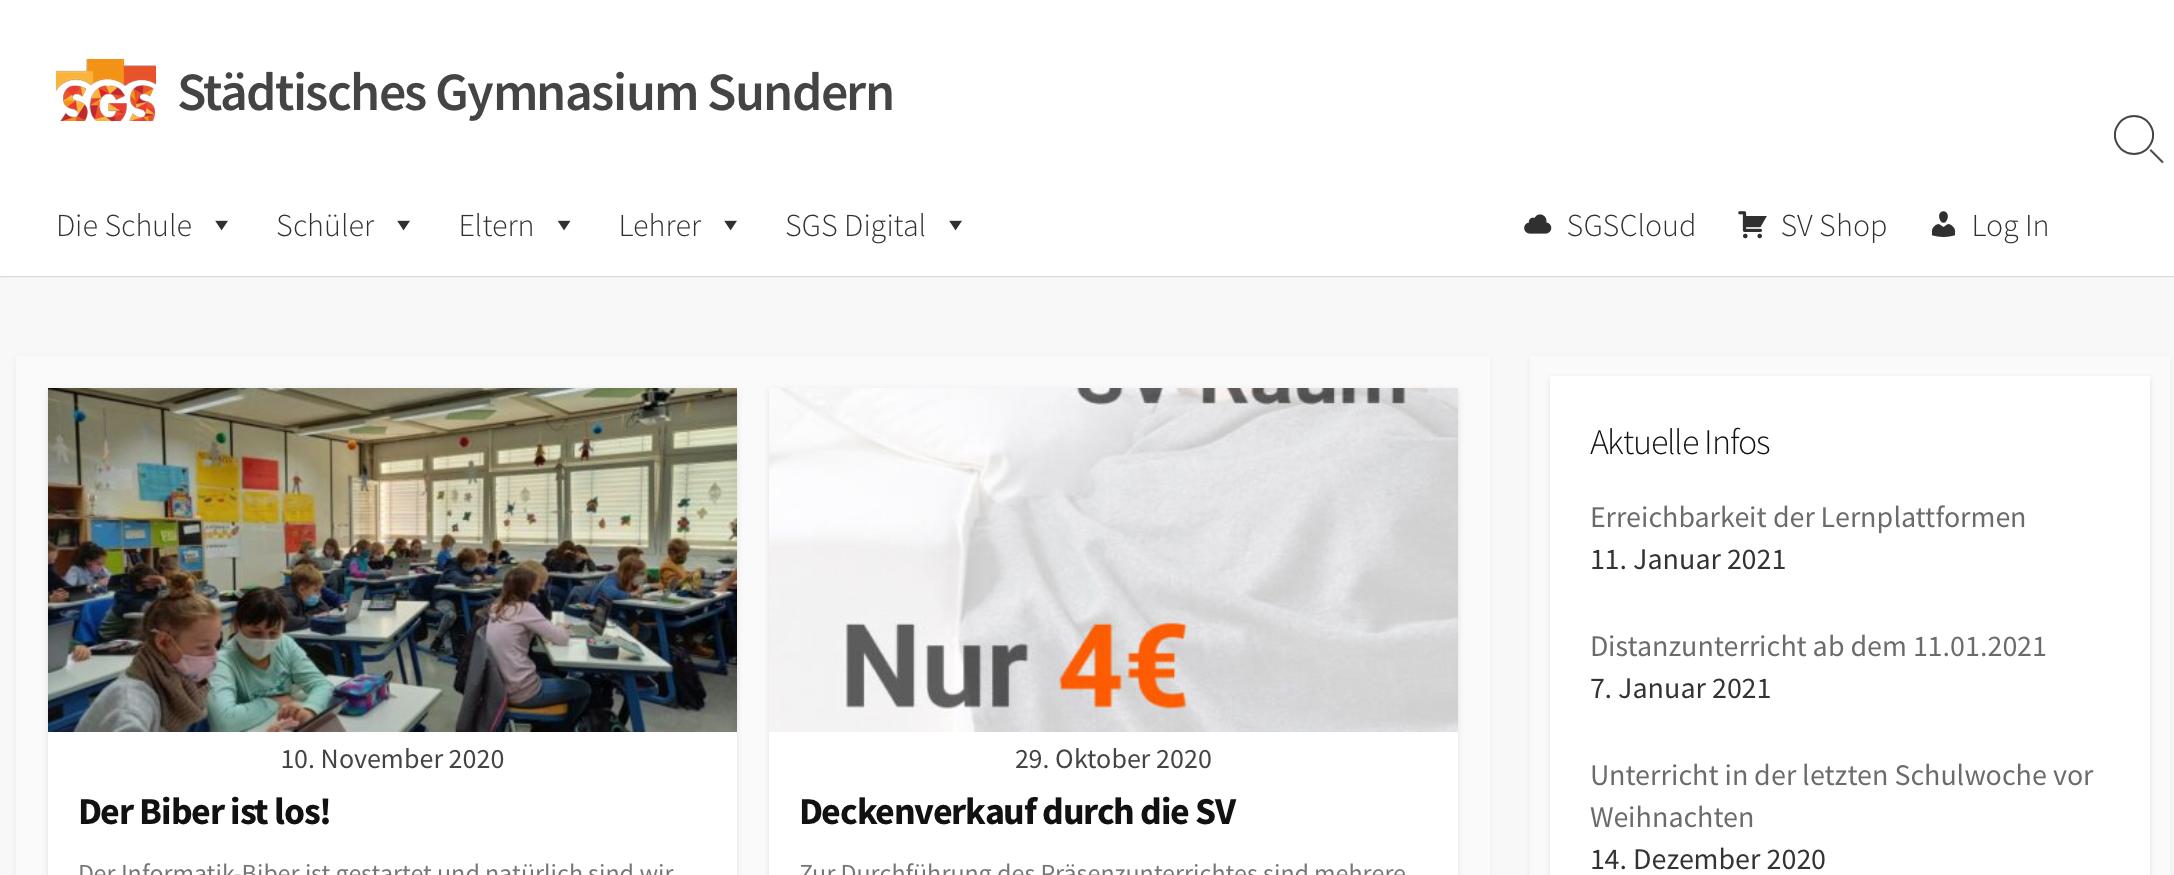 Eine Vorschau der neuen Homepage des SGS